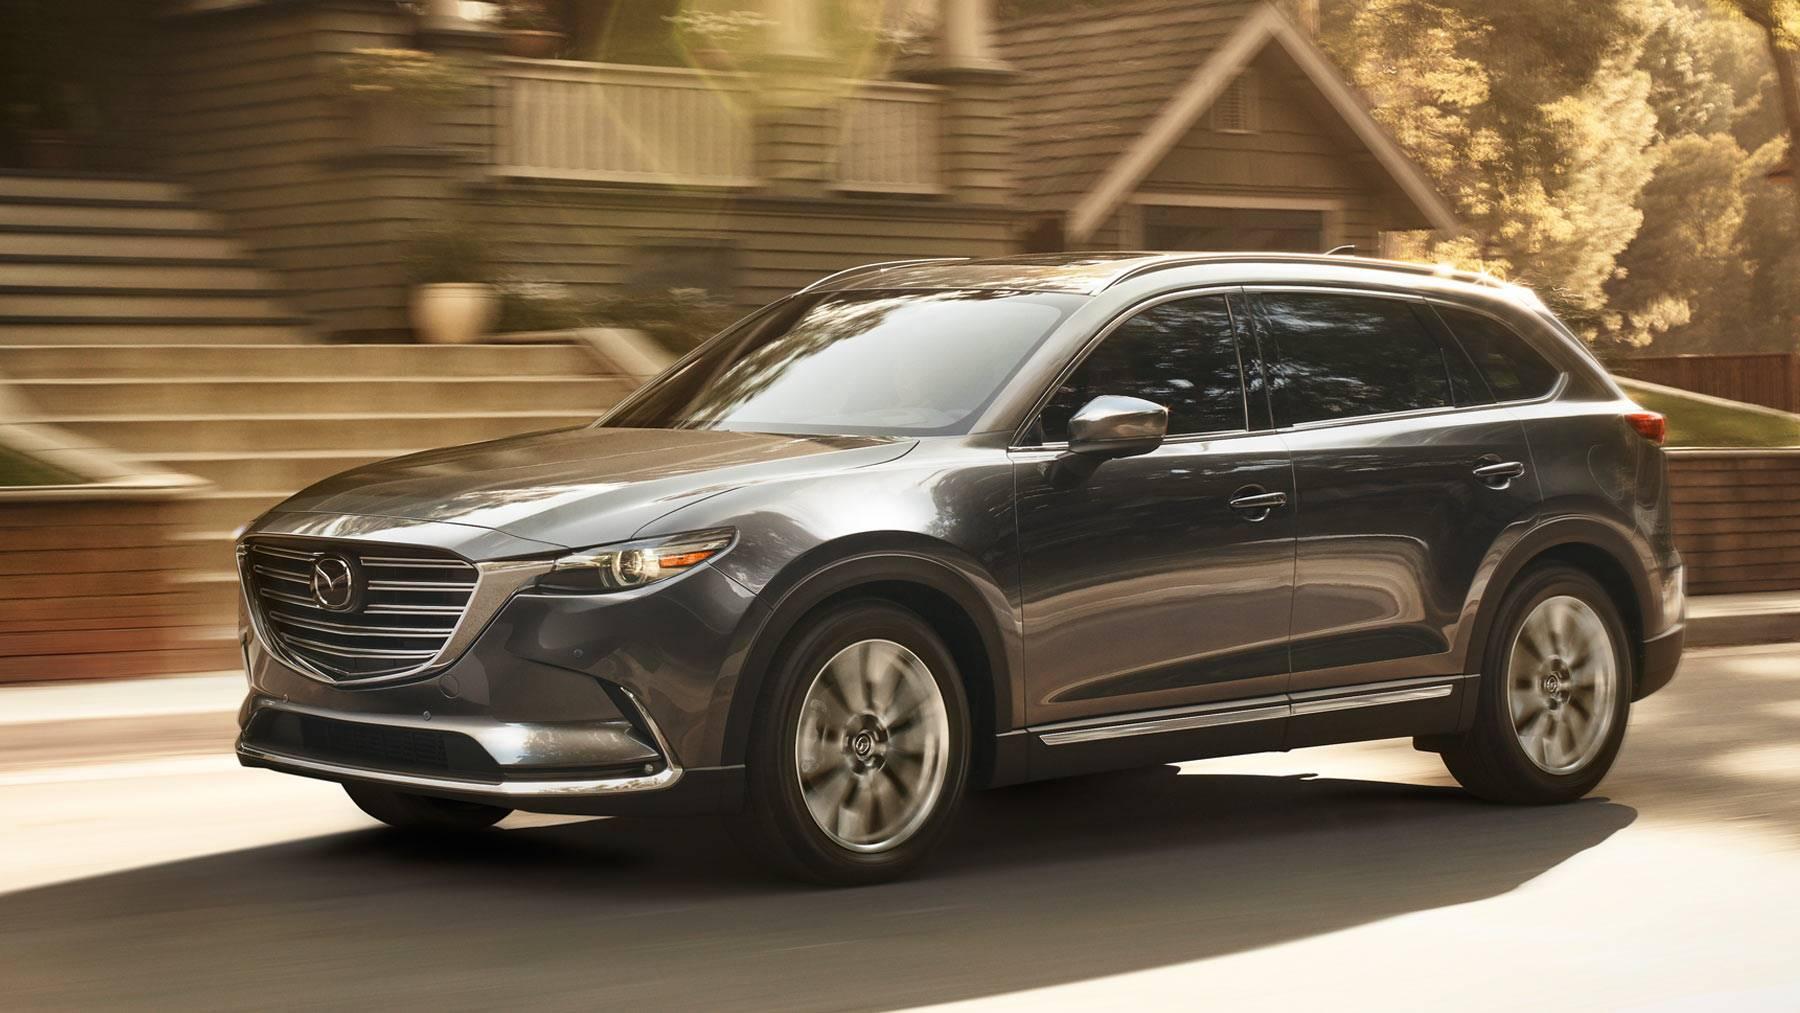 2019 Mazda CX-9 for Sale near Bristol, TN